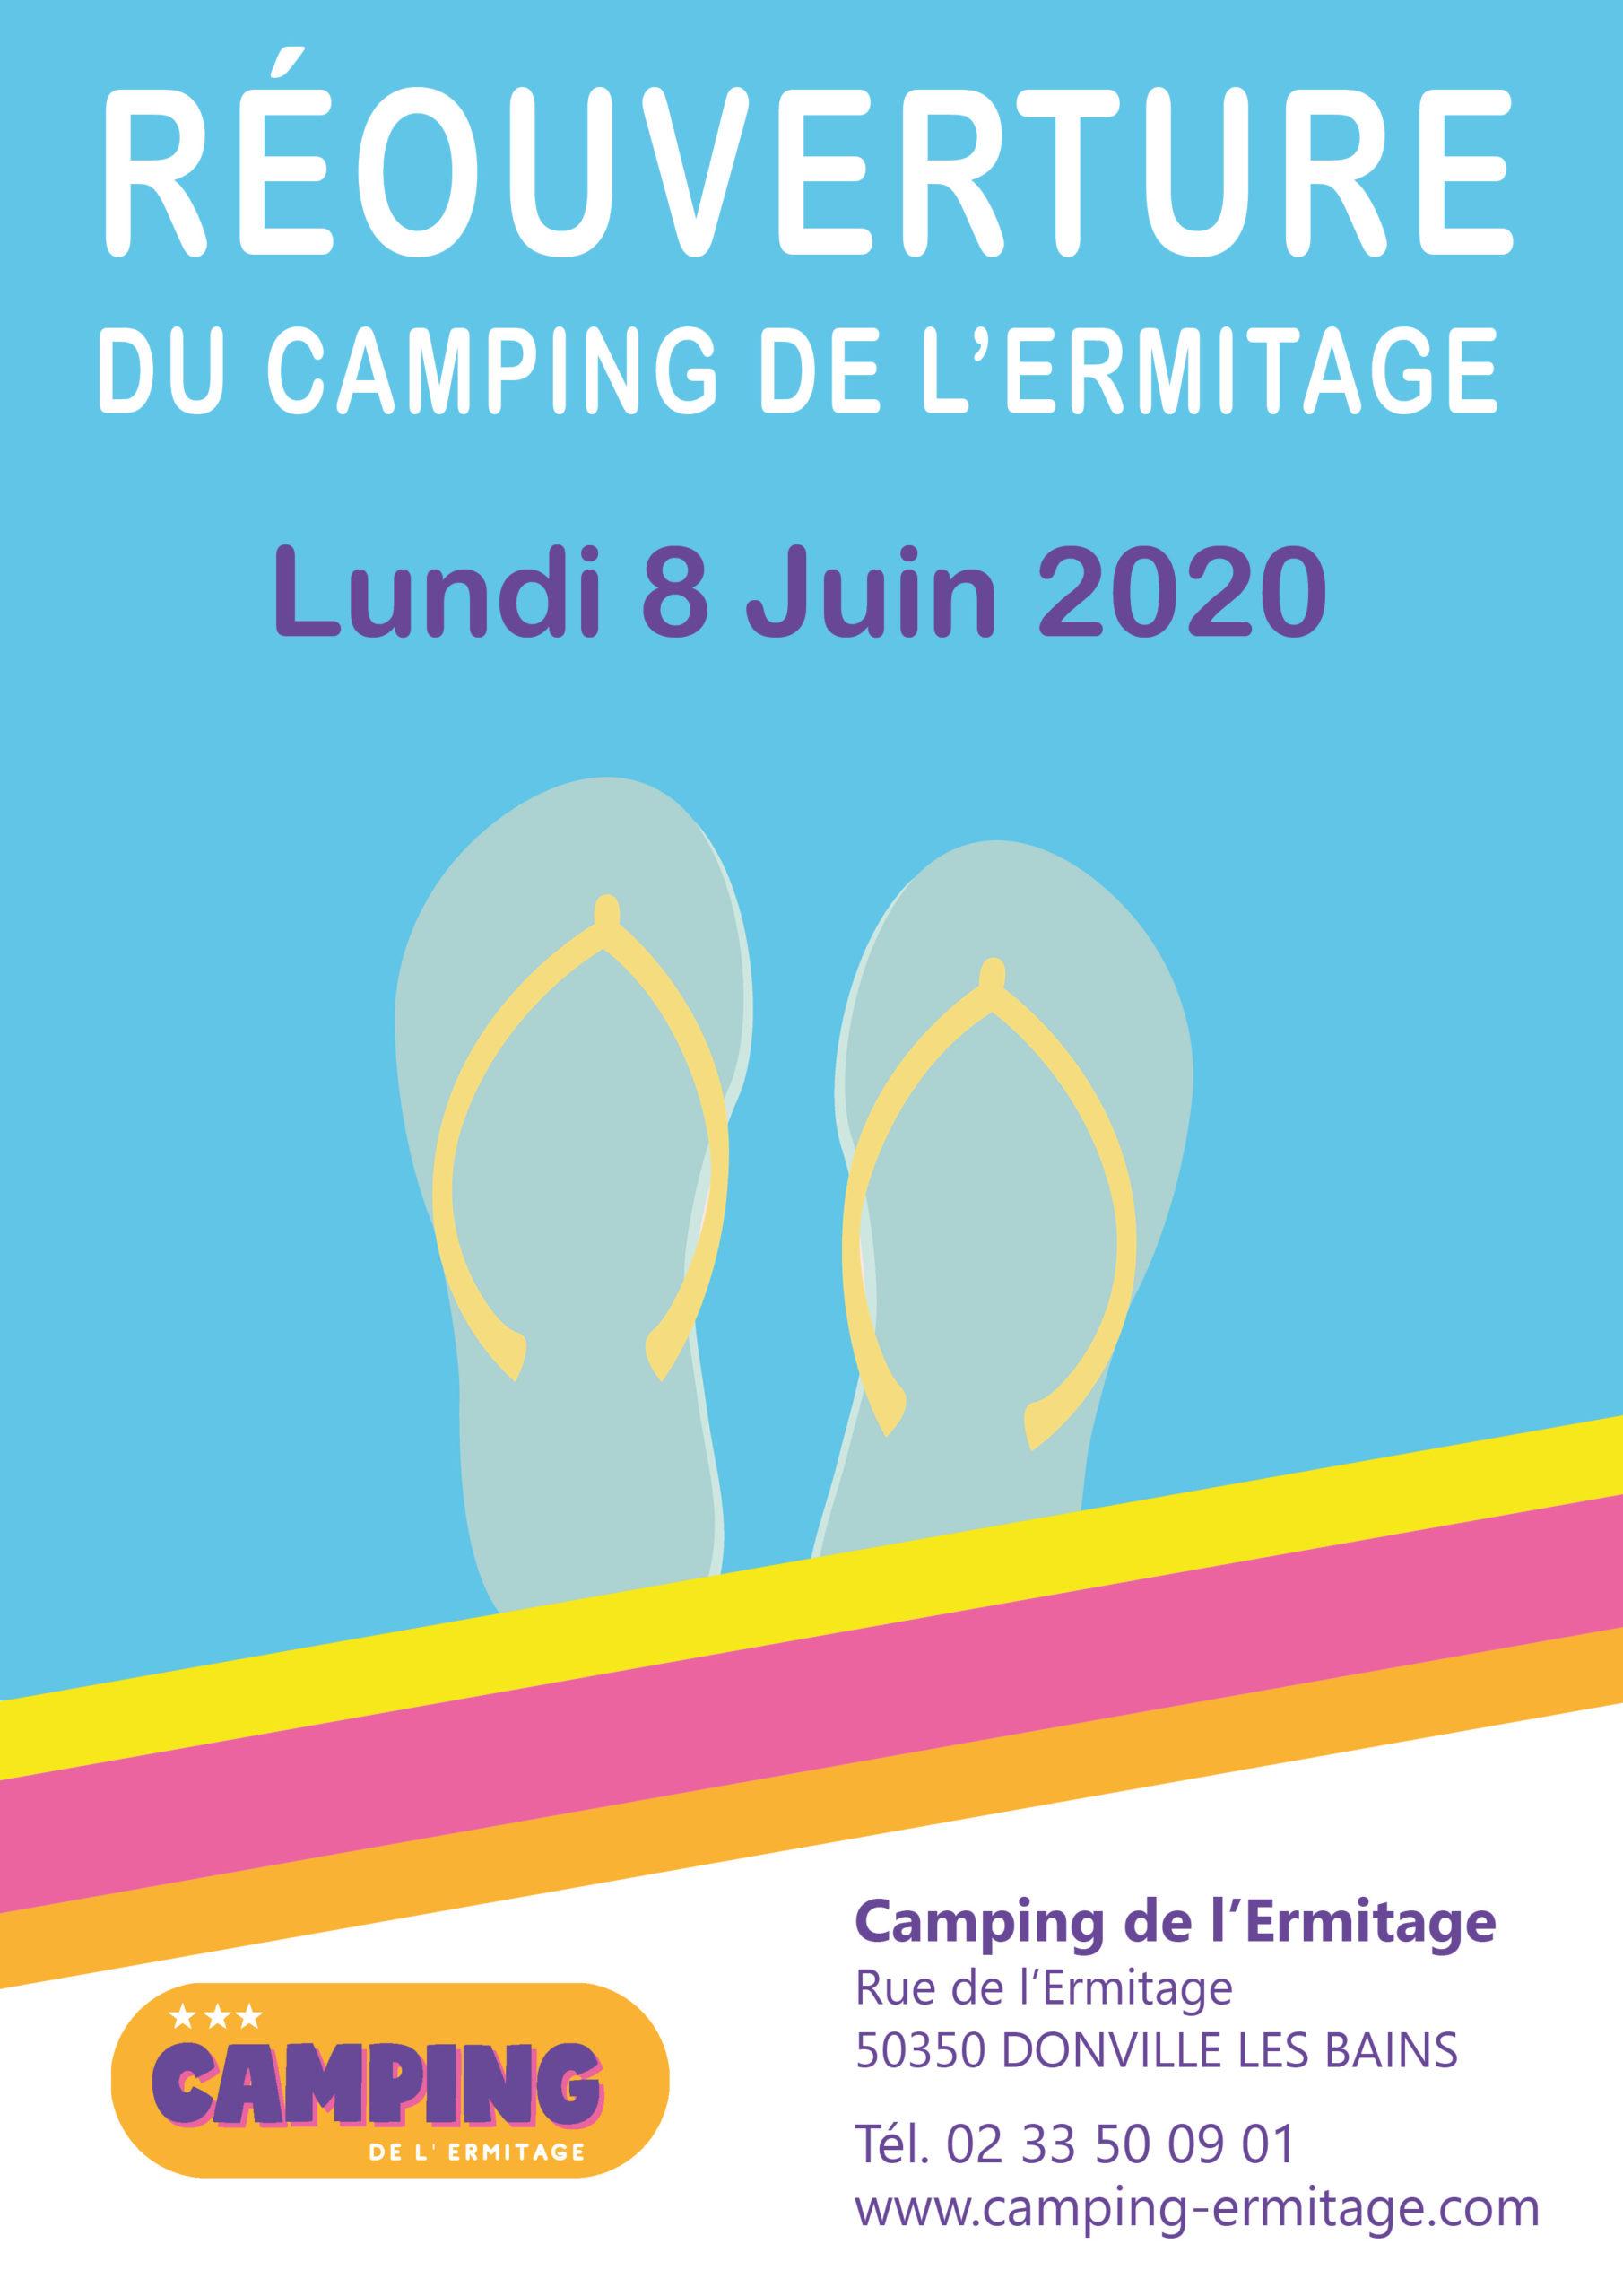 Ouverture complete du camping le 8 juin 2020 !